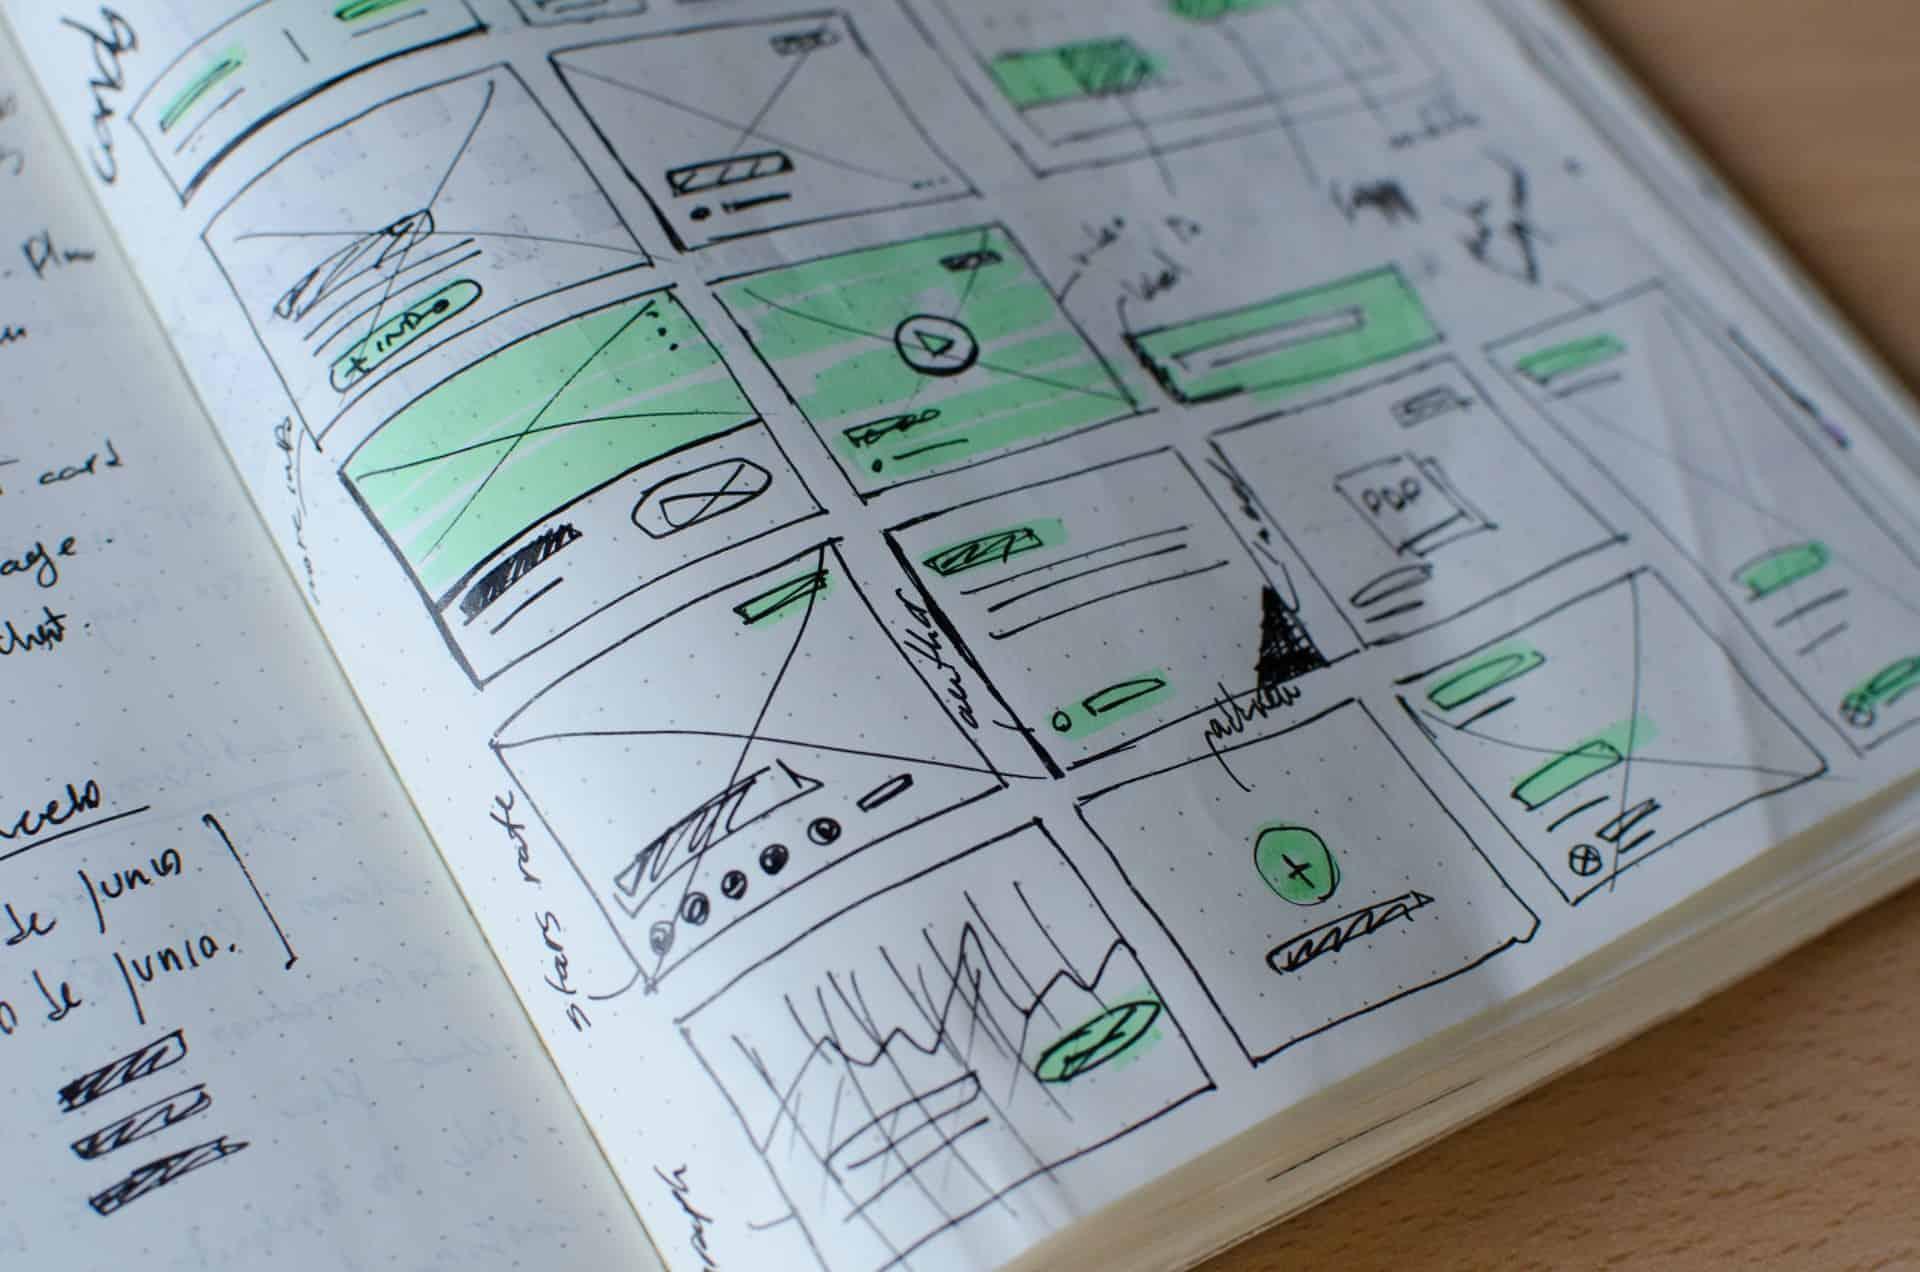 Les 4 composantes importantes pour écrire le meilleur article de blogue pour le lecteur